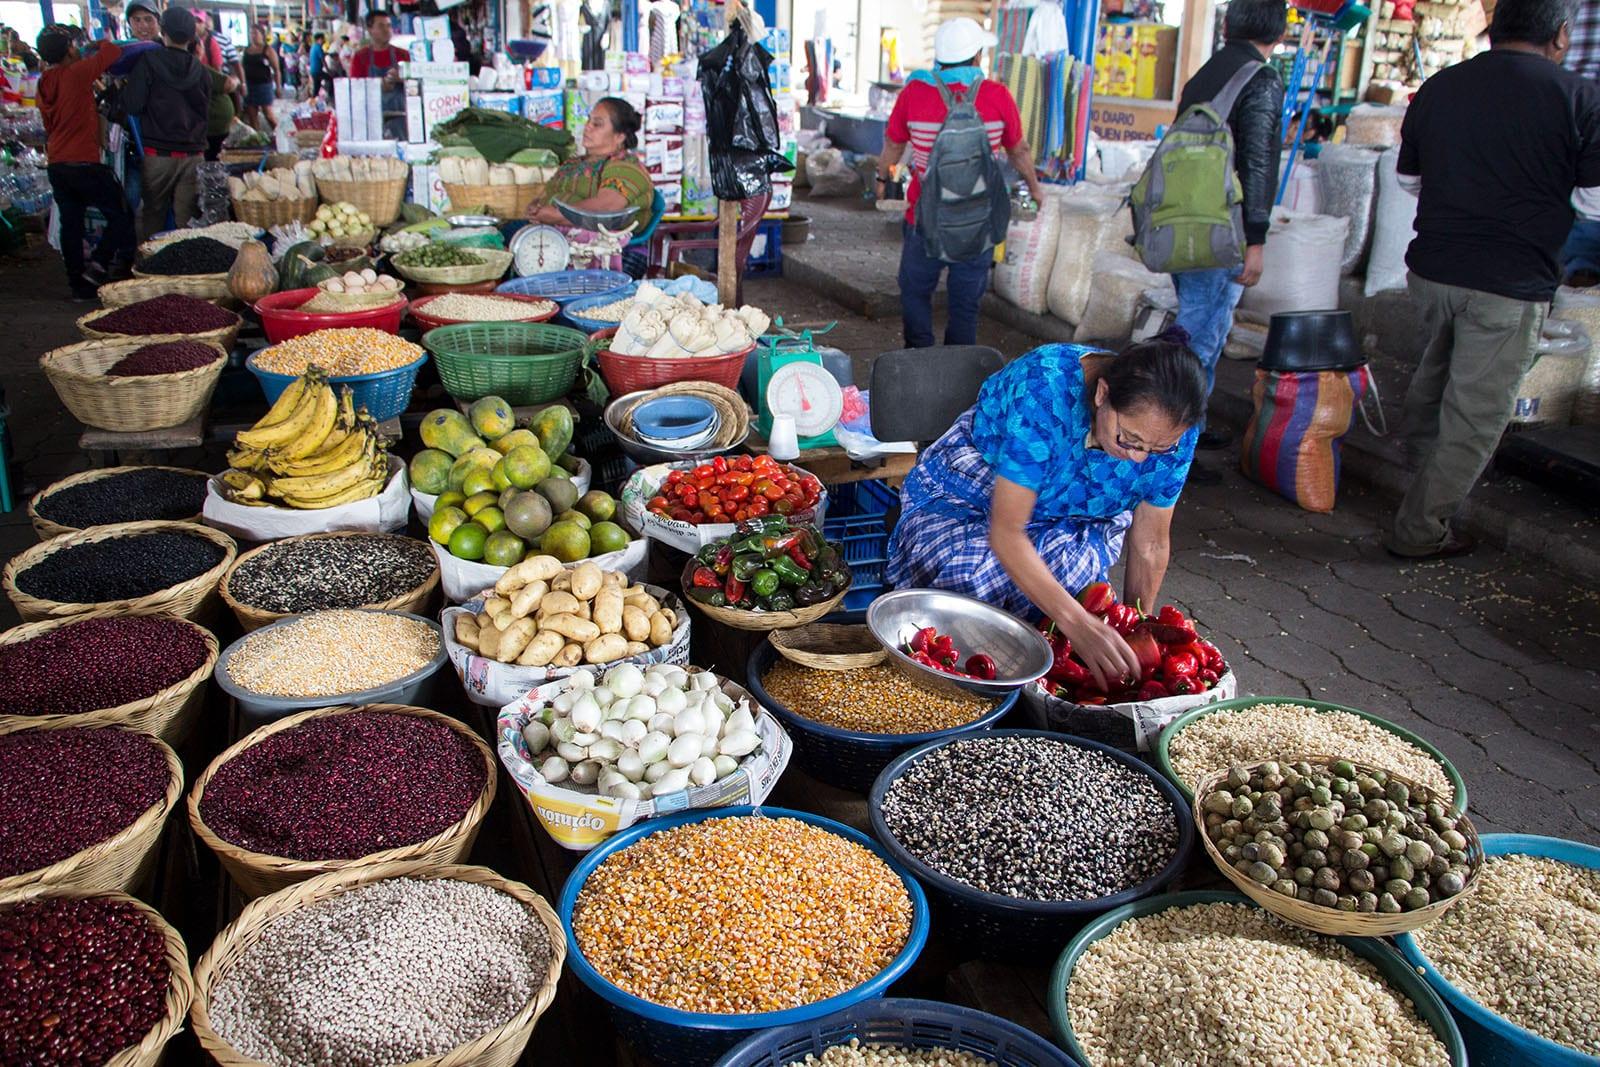 Mecikanische Küche und ihre Besonderheiten – auf einem mexikanischen Markt